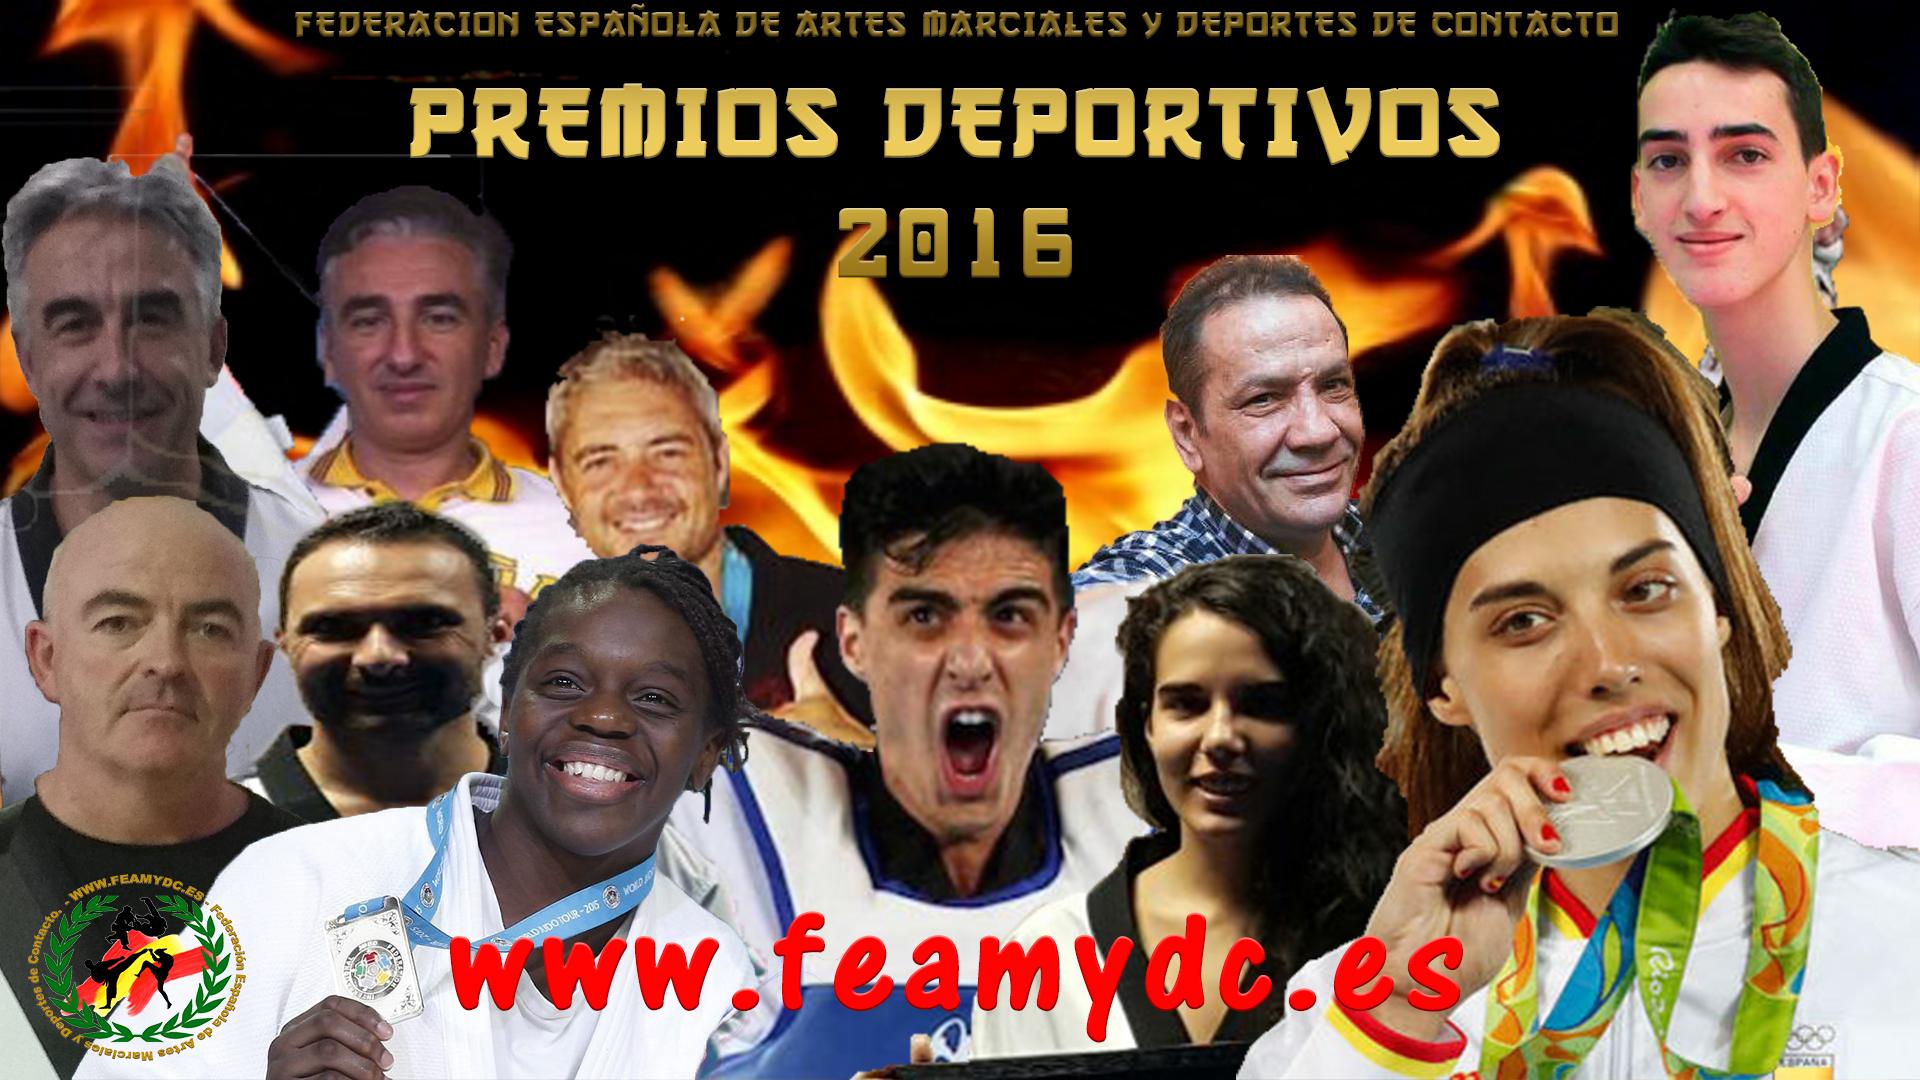 premios-deportivos-2016-letras-color-oro